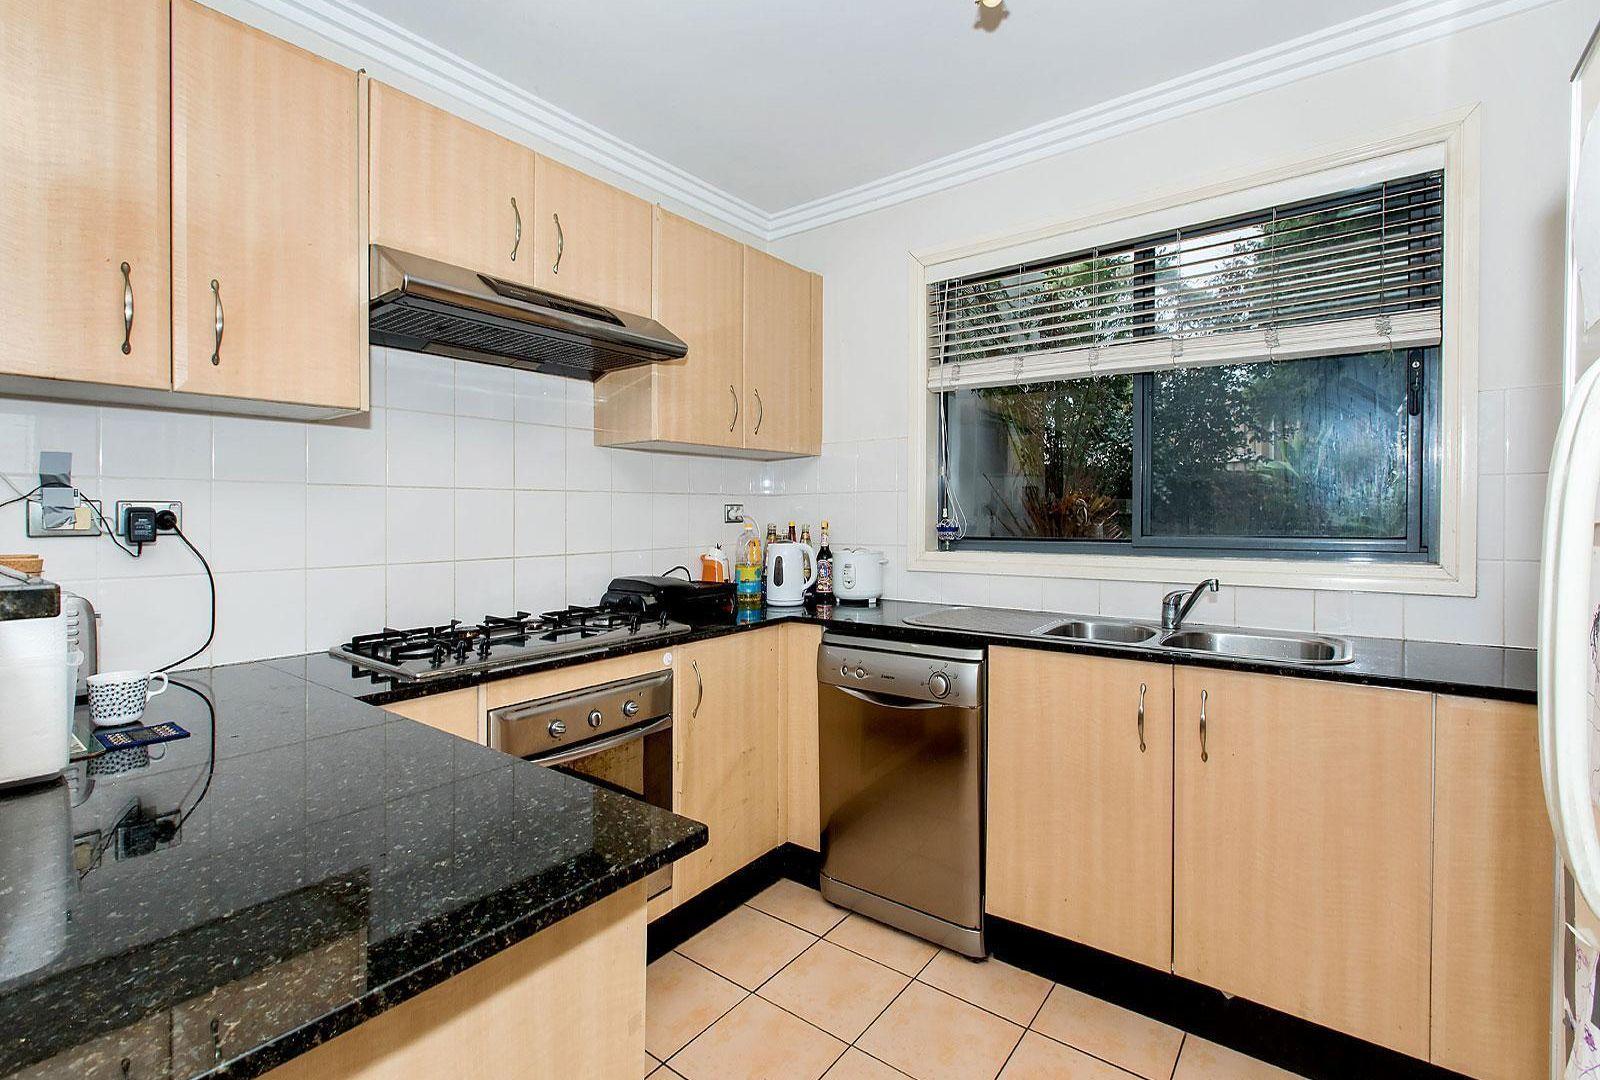 18/6 Mowbray Street, Sylvania NSW 2224, Image 1